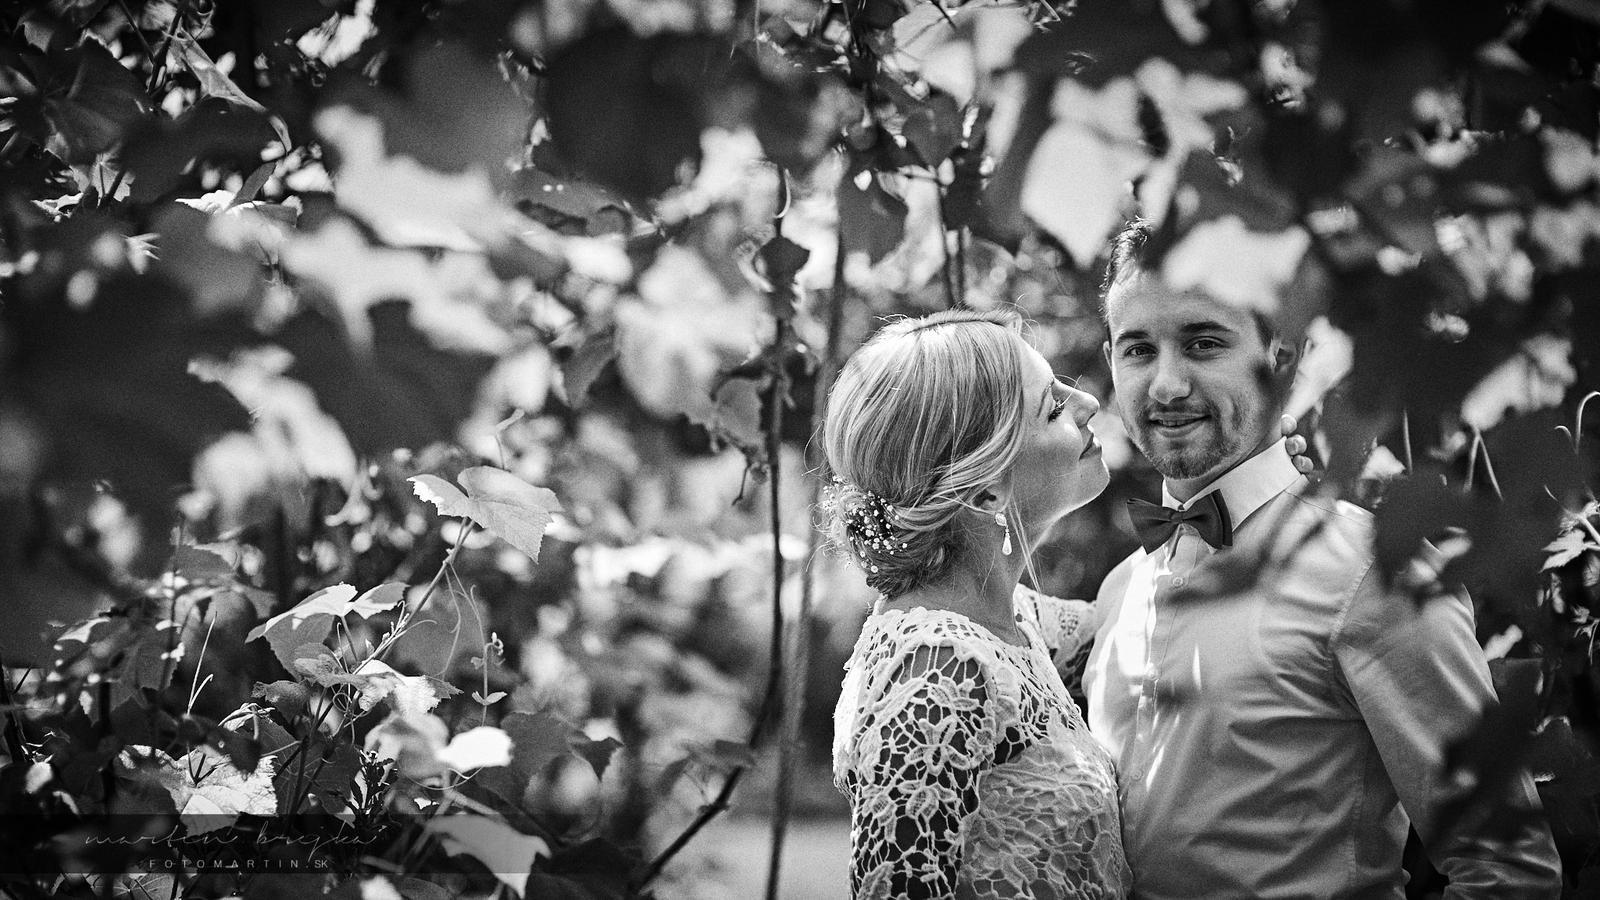 Natalia&dominik - Obrázok č. 8